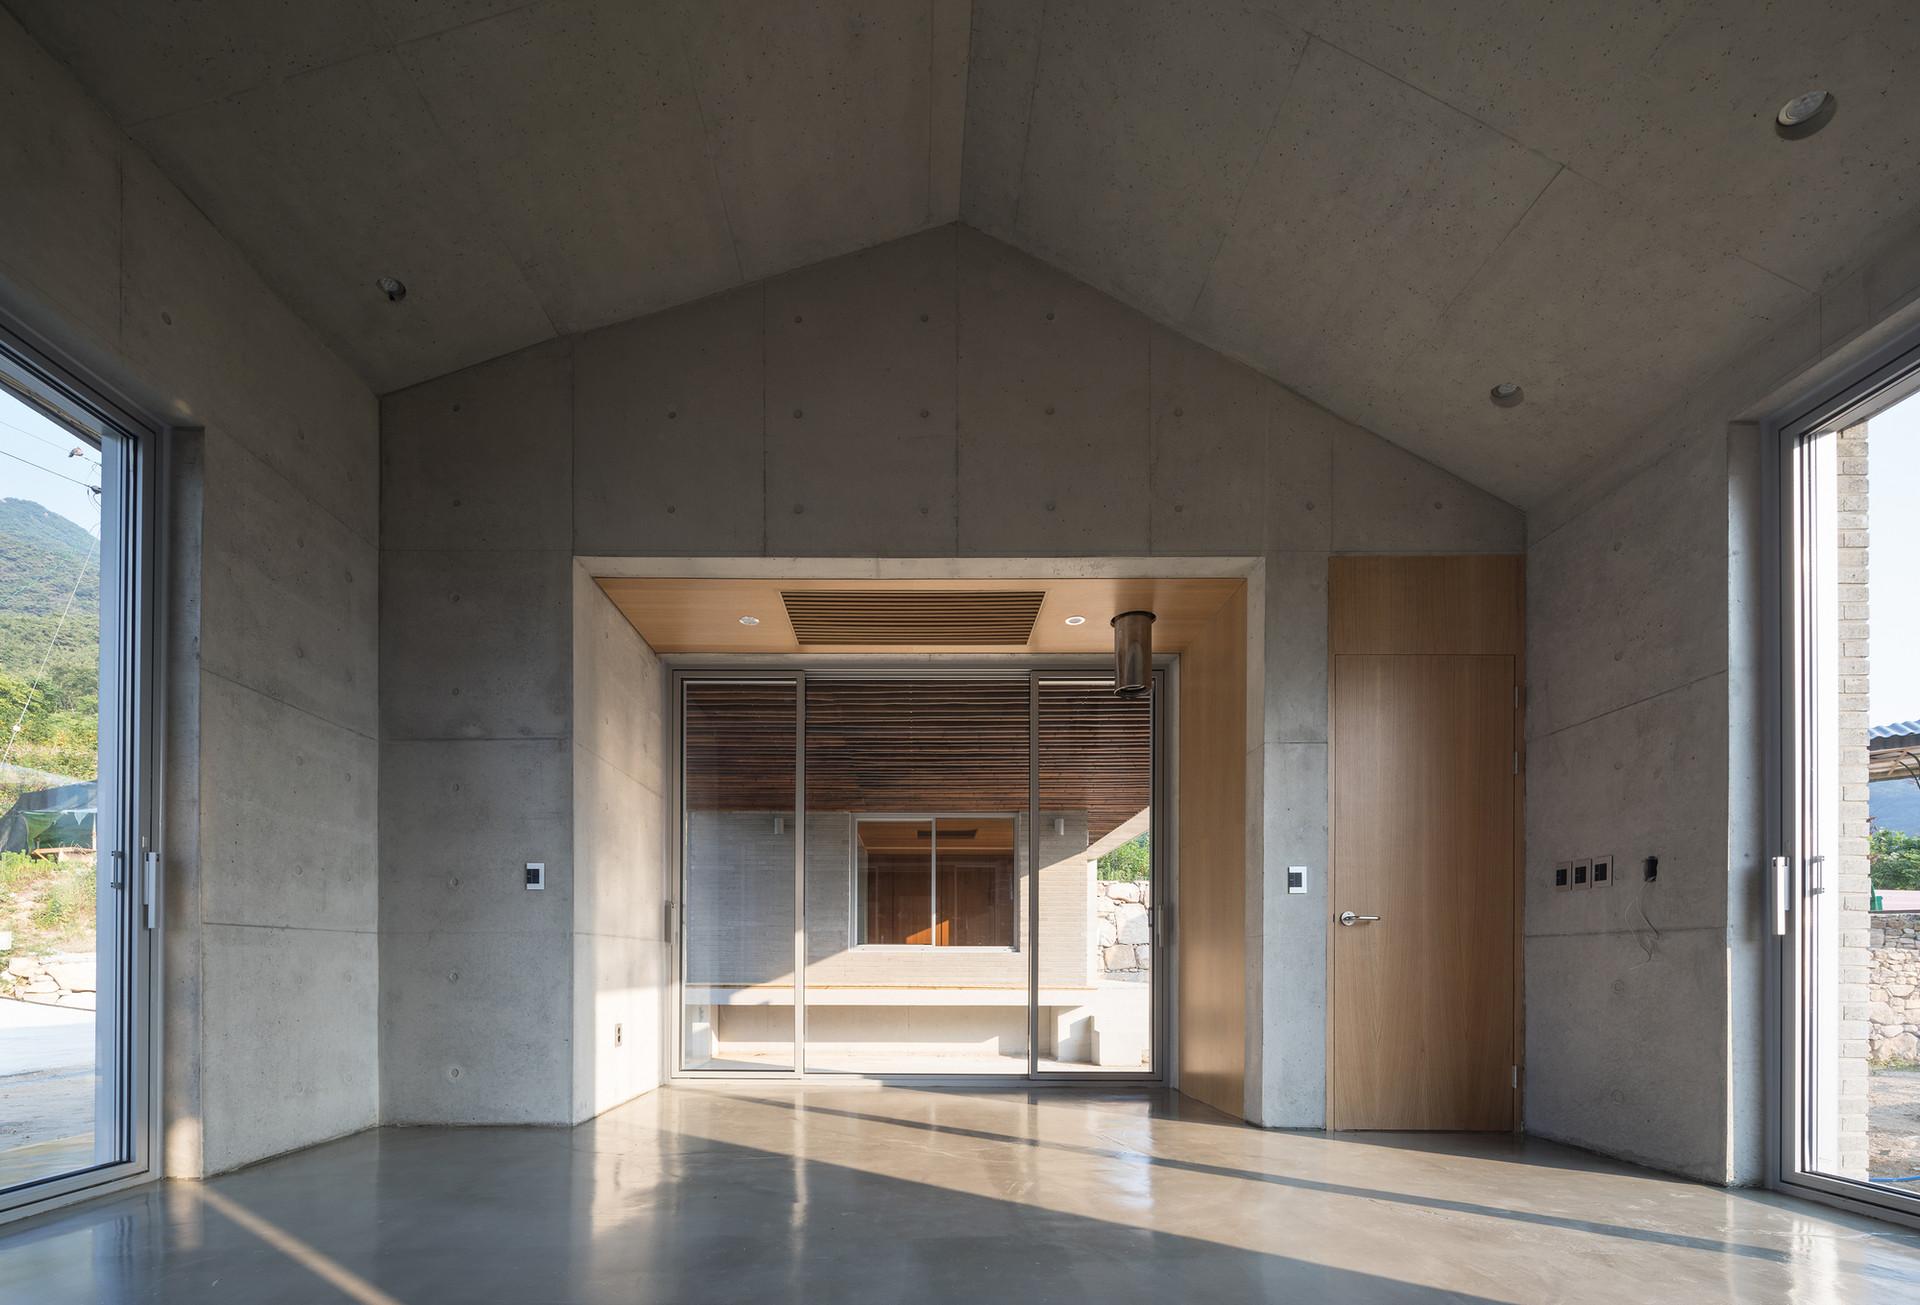 24_거실1_architect_K_Grandpascoolhouse_INT